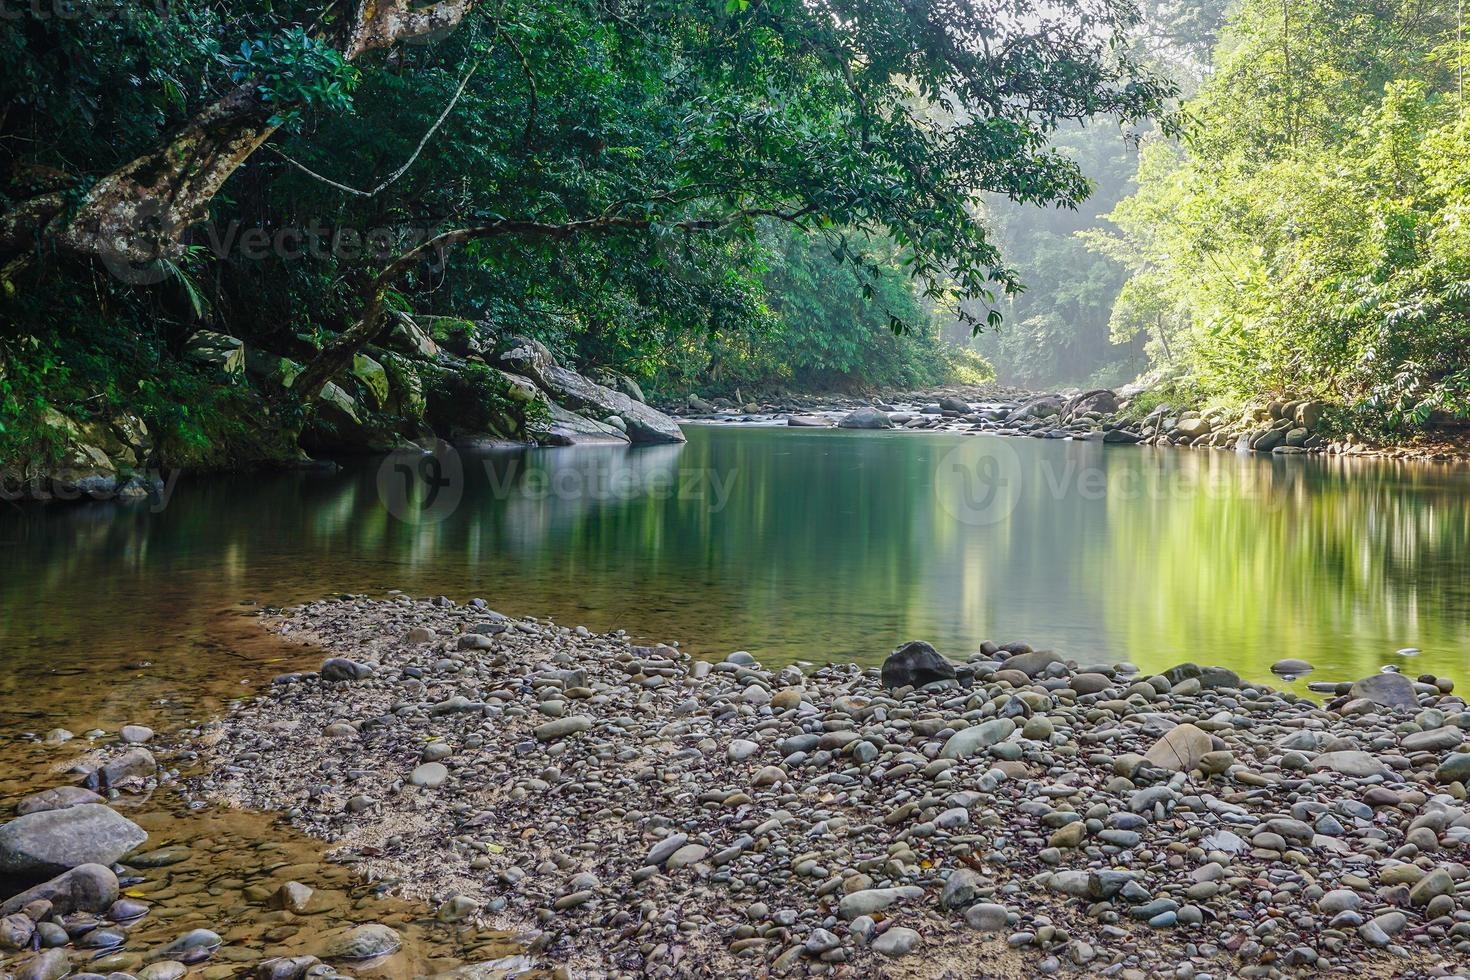 fiume della giungla della piccola natura nel Borneo della Malesia di Sabah. foto